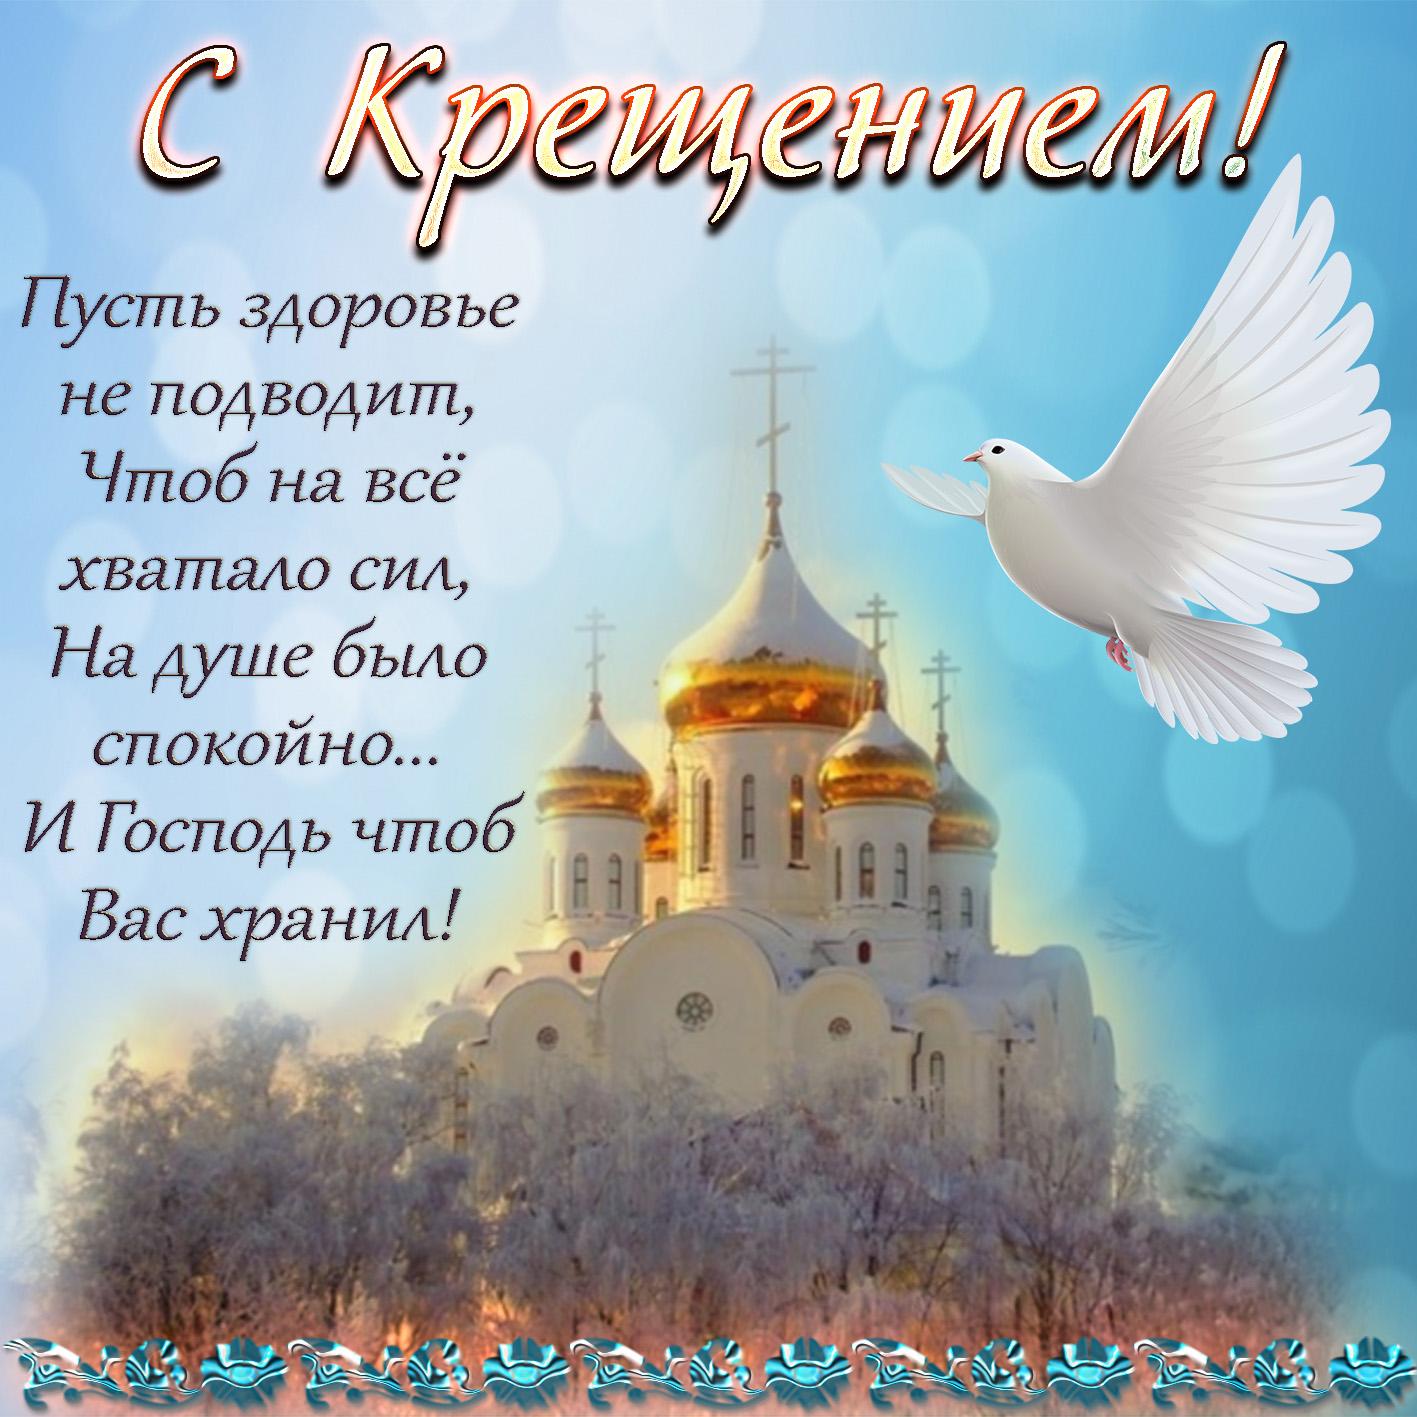 Картинка с белым голубем на Крещение Господне